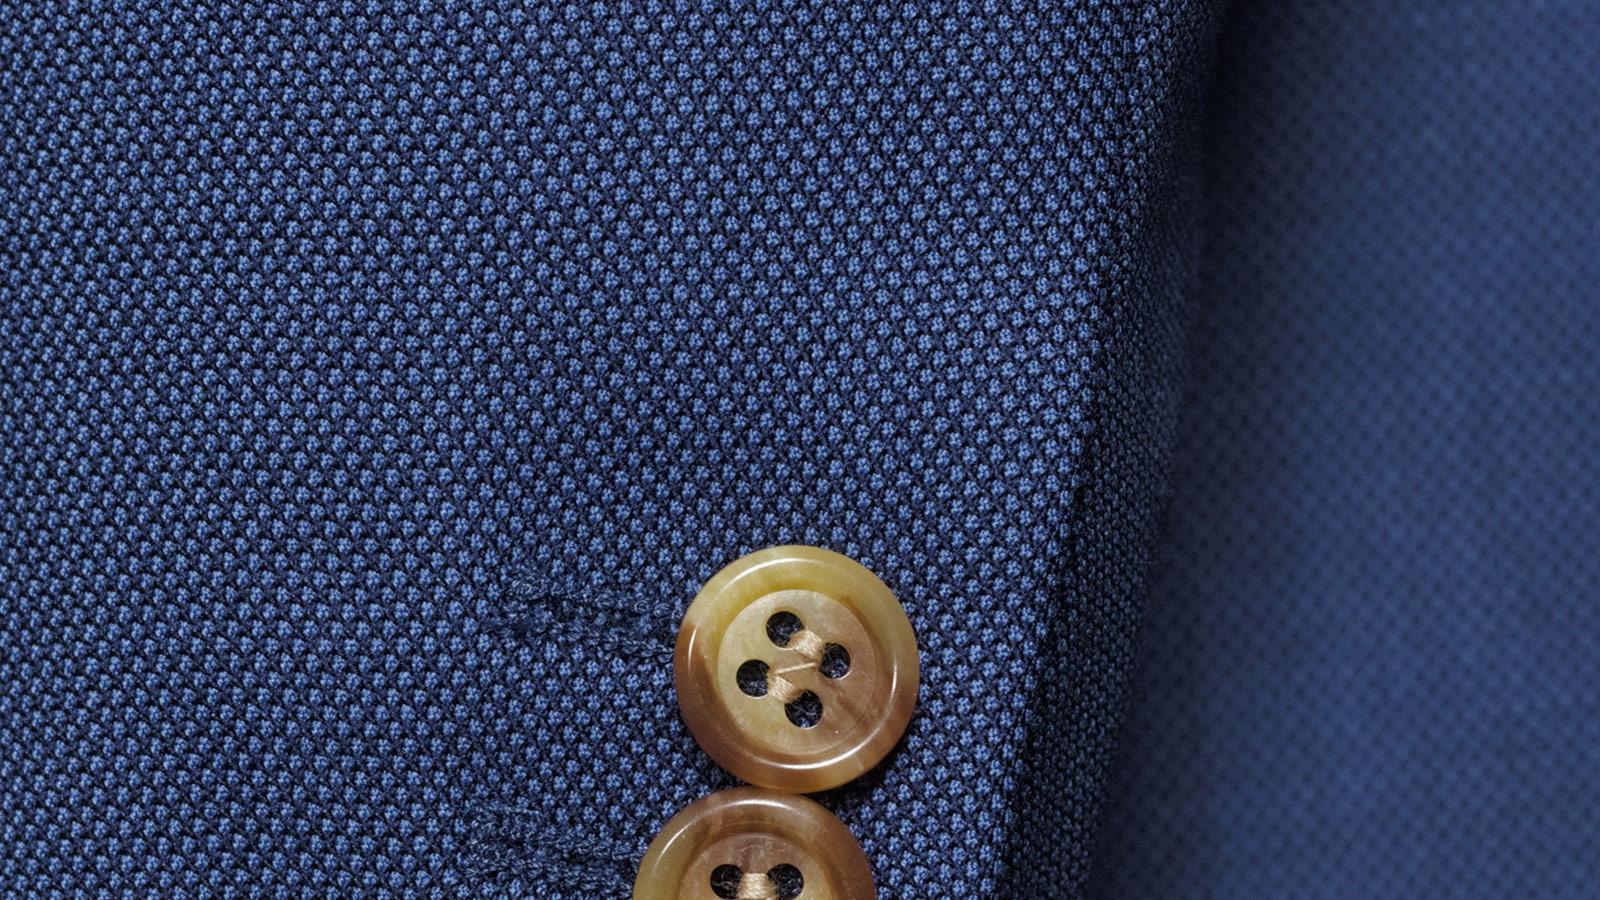 Vendetta Premium Intense Blue Birdseye Suit - slider image 1